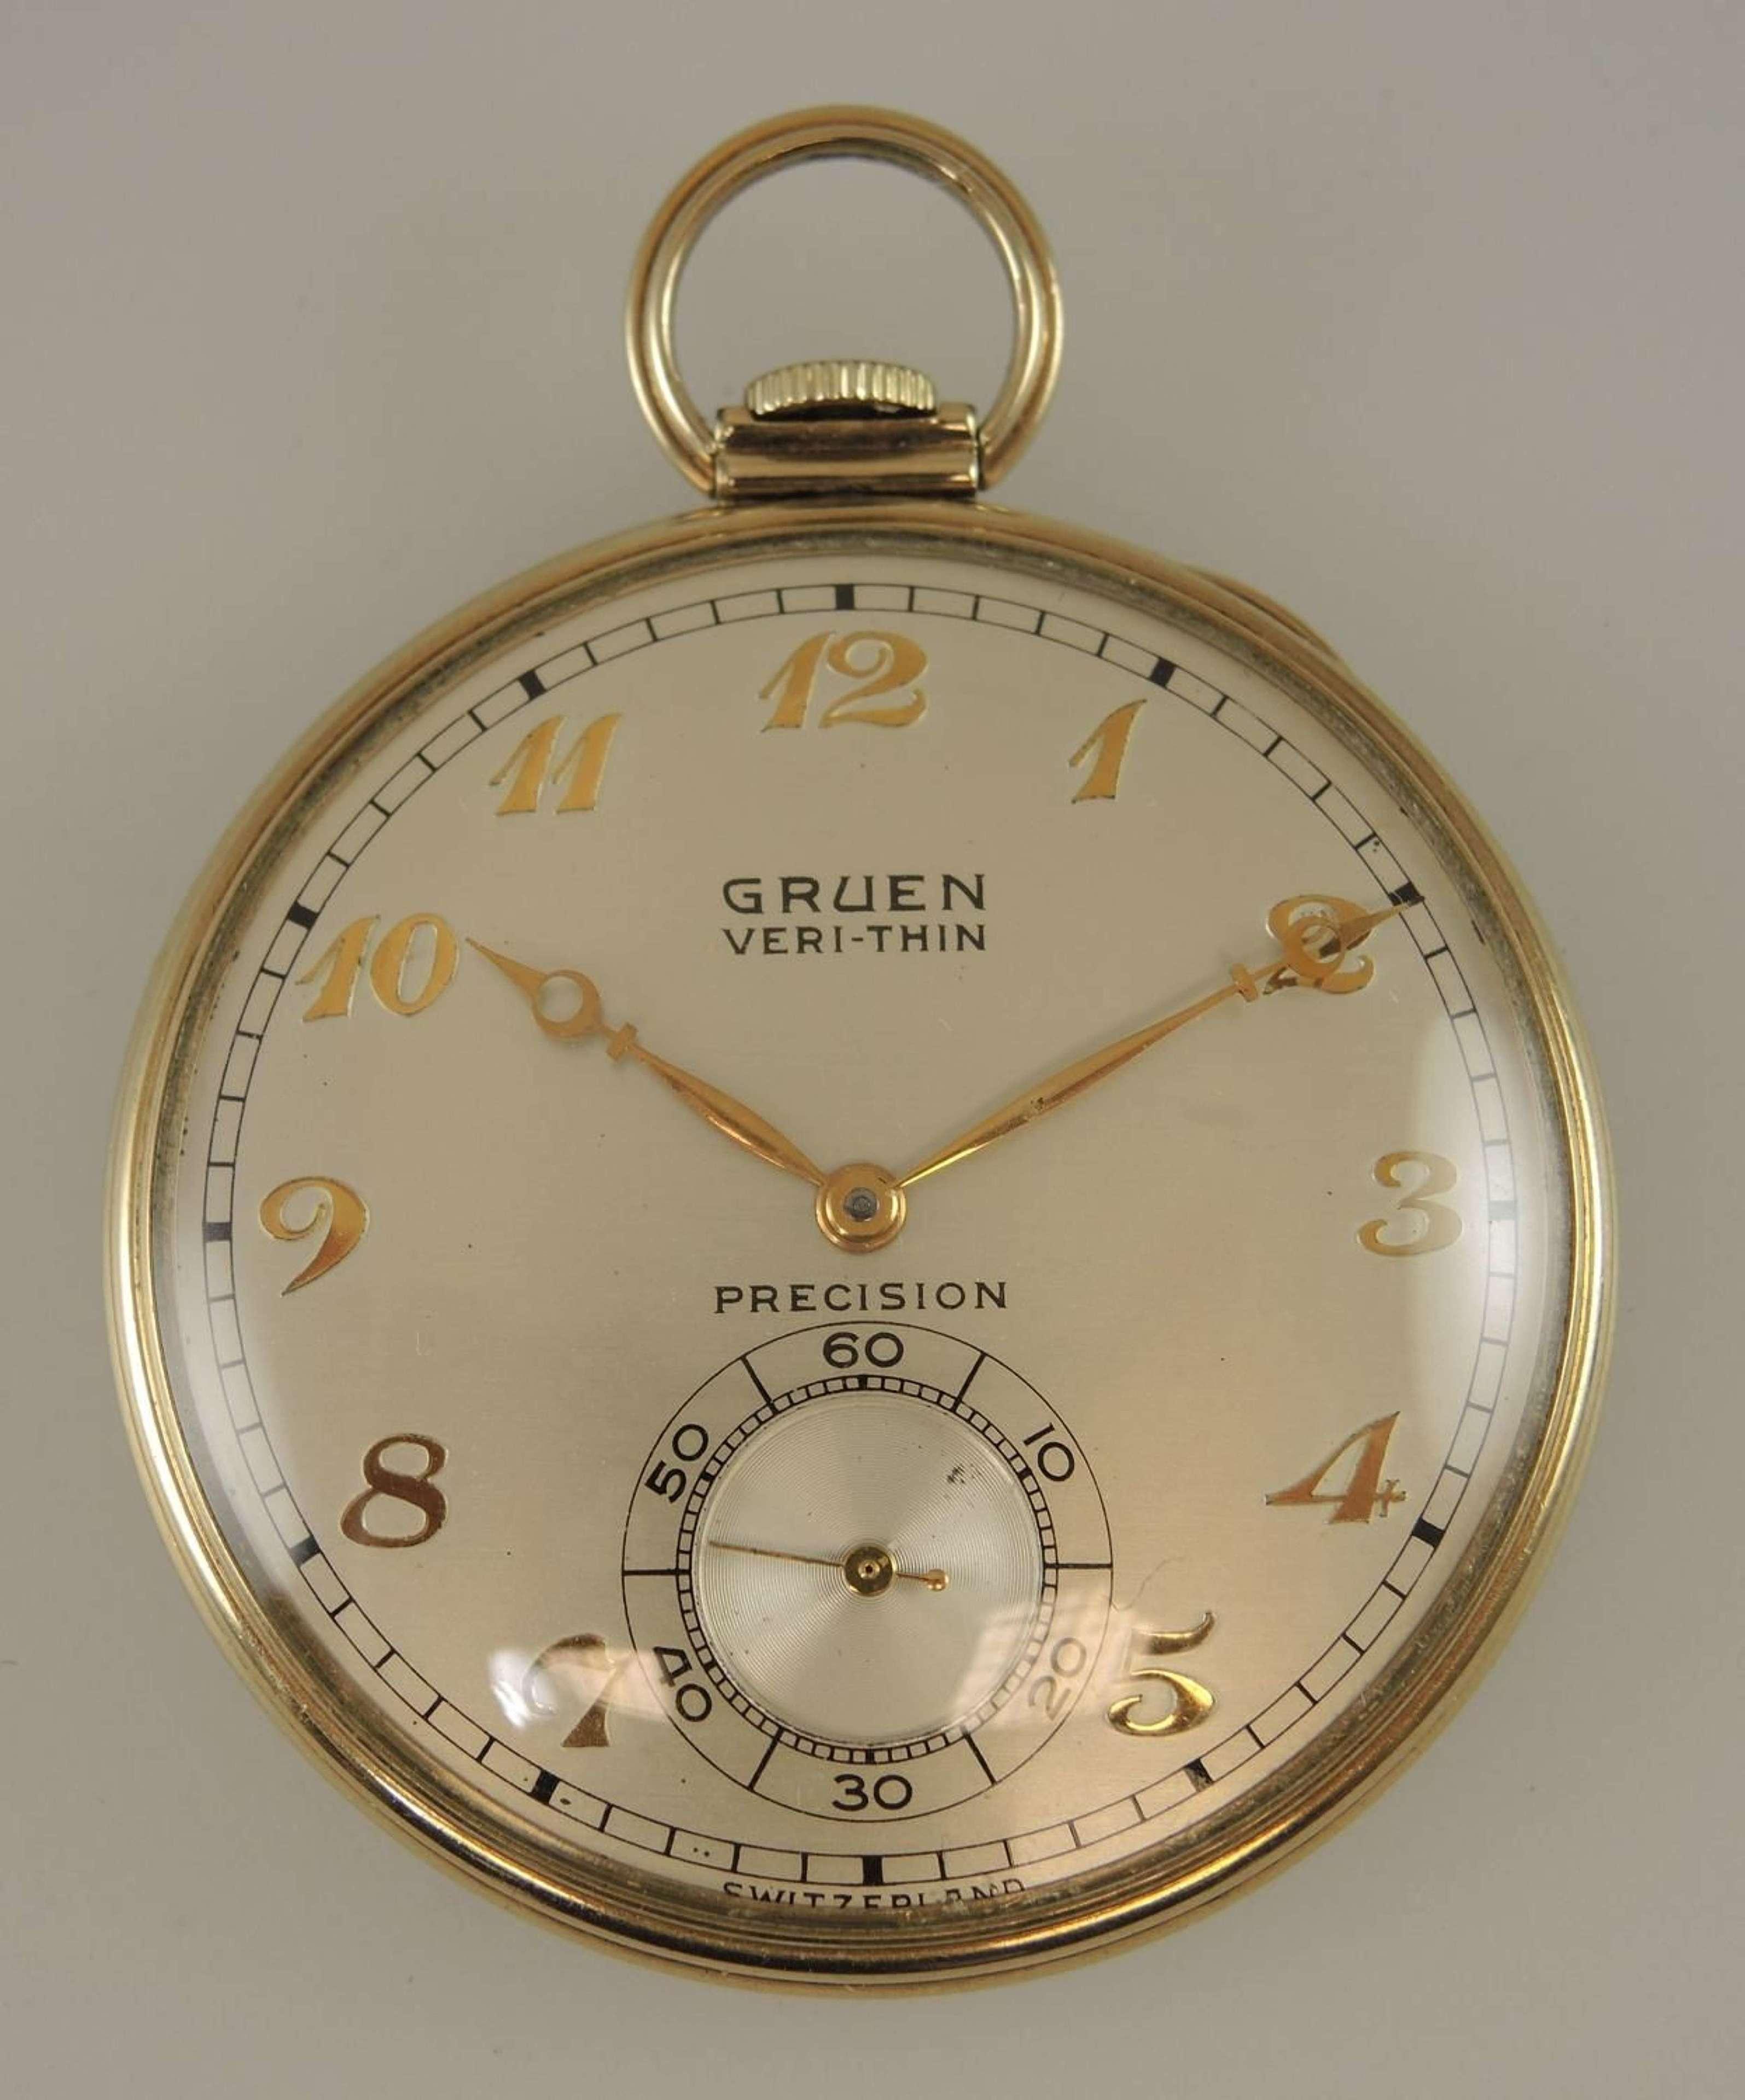 Gruen VERI-THIN pocket watch c1920 in Antique Pocket Watches